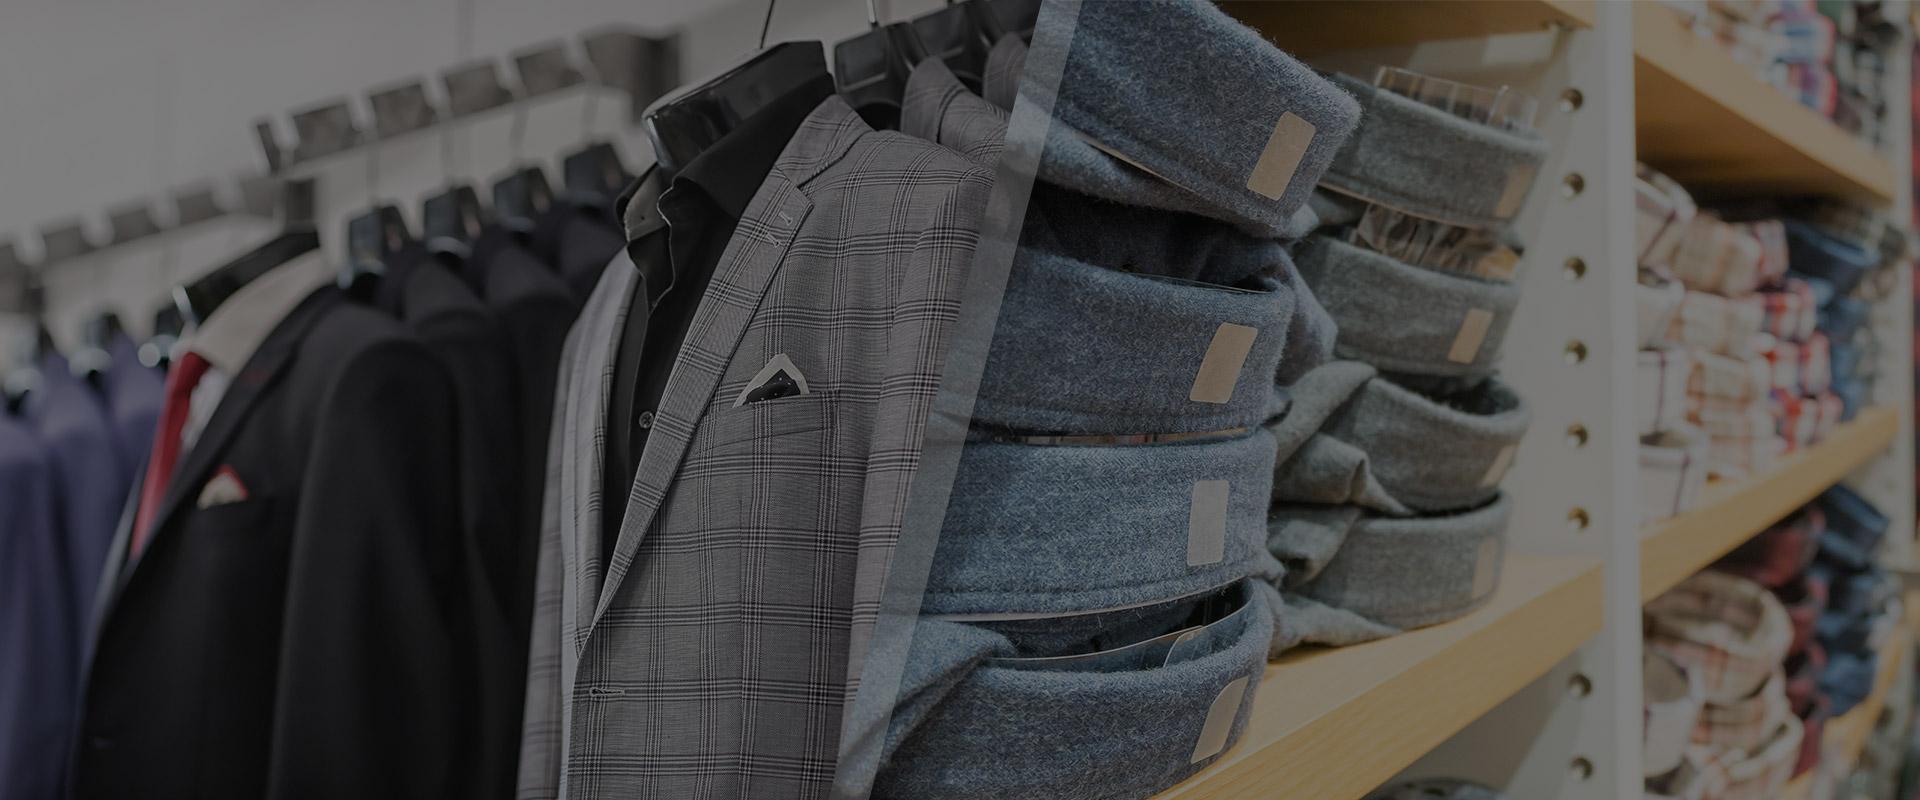 Stock ingrosso abbigliamento firmato